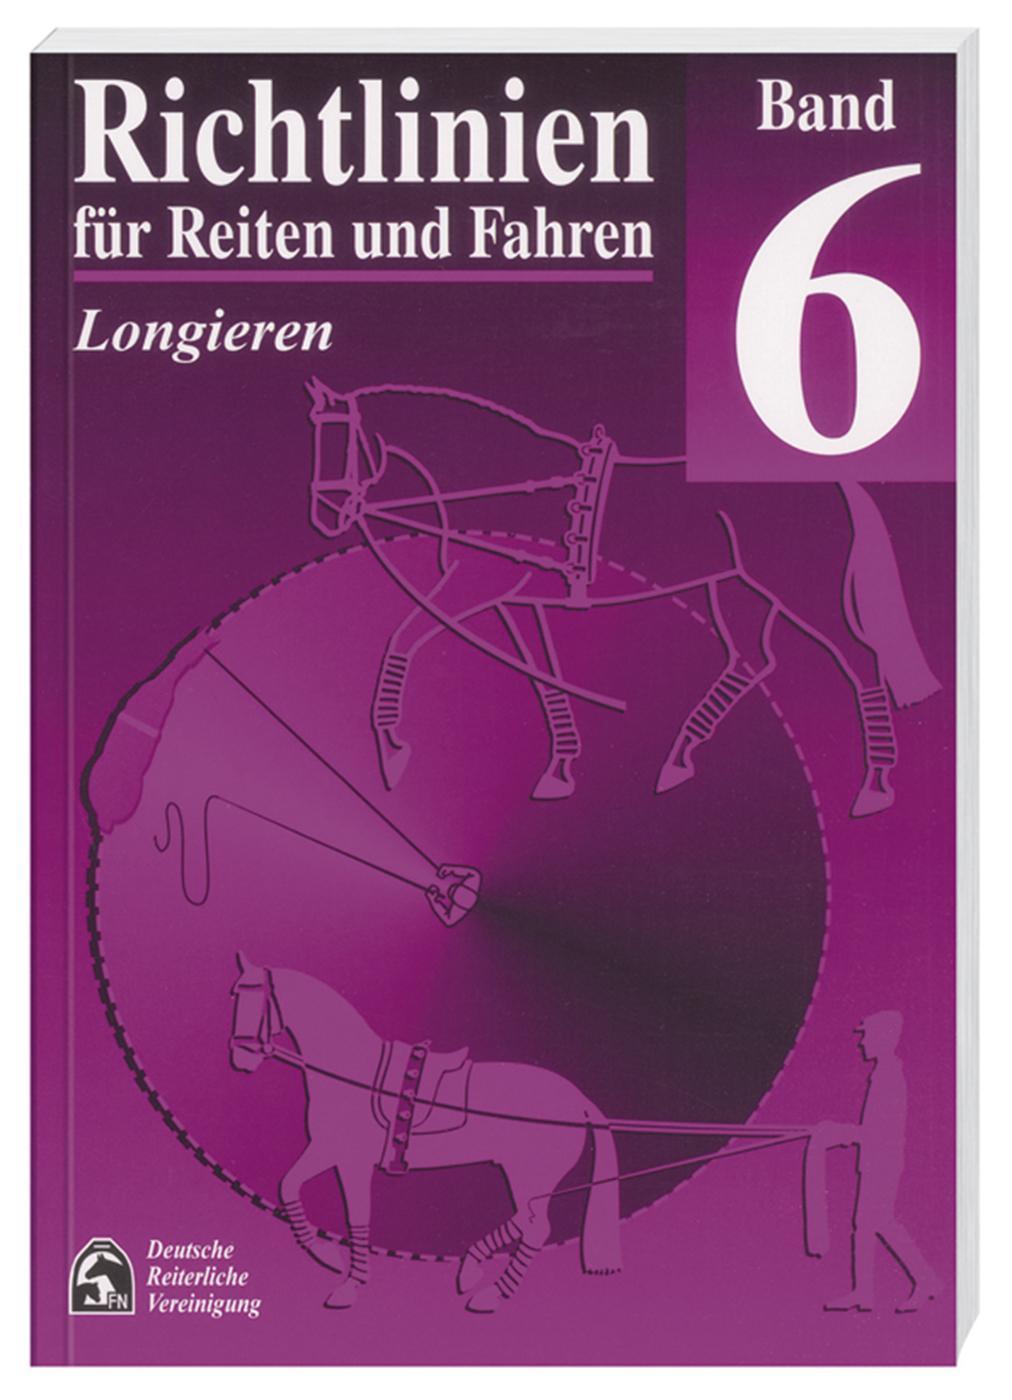 FN Richtlinien Longieren - Band 6